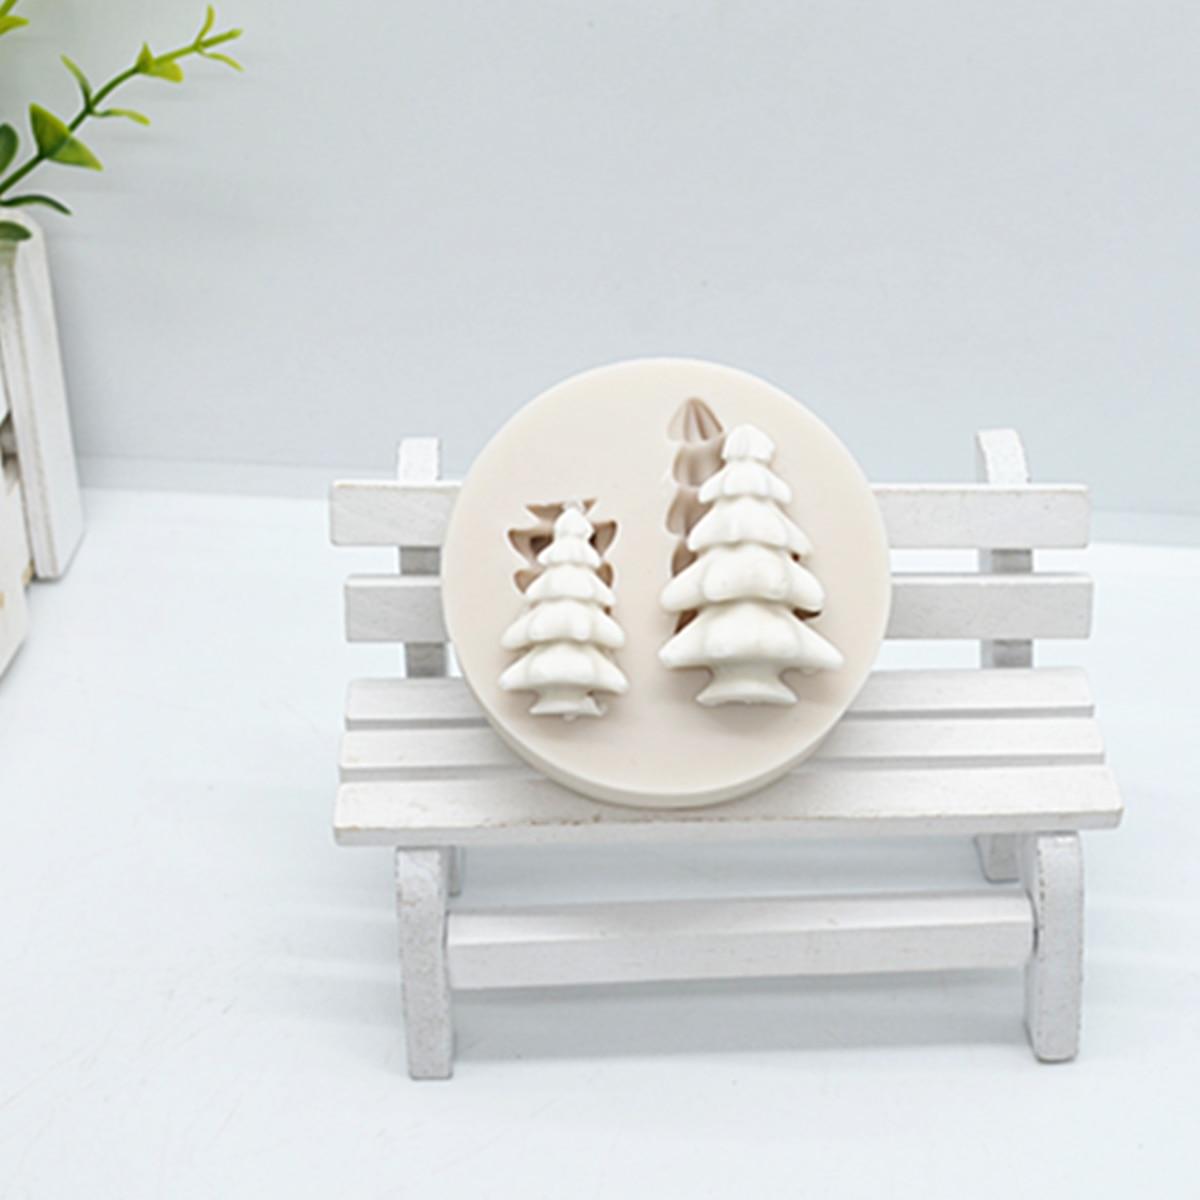 3D Рождественская елка, силиконовые формы для торта, формы для помадки, инструменты для украшения торта, кондитерские аксессуары для кухни, в...